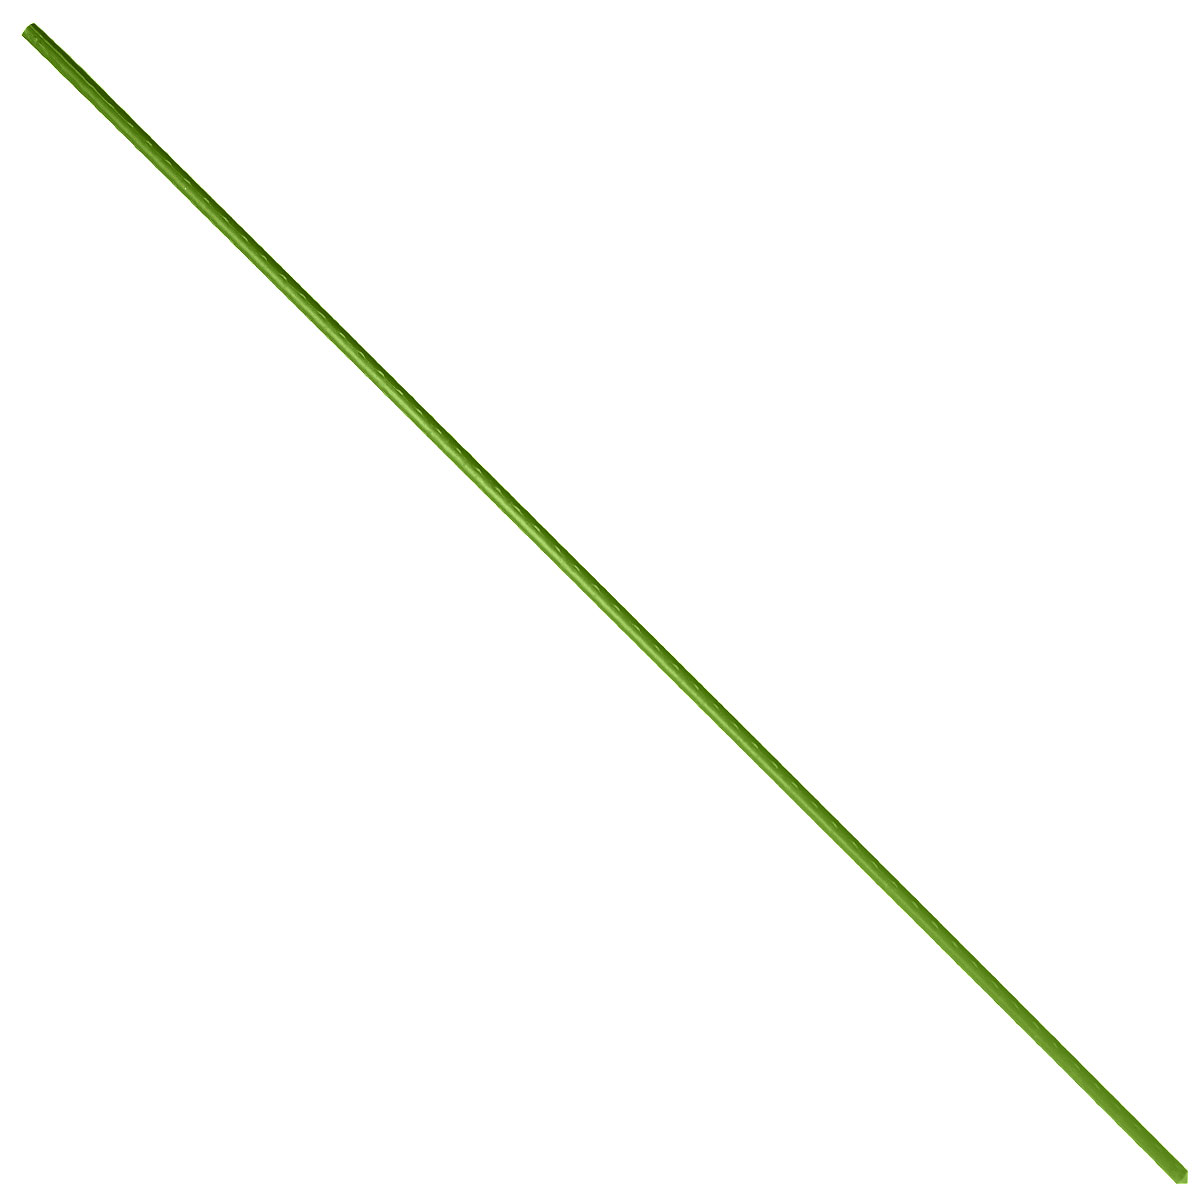 Опора для растений Green Apple, цвет: зеленый, диаметр 0,8 см, длина 60 см, 5 шт